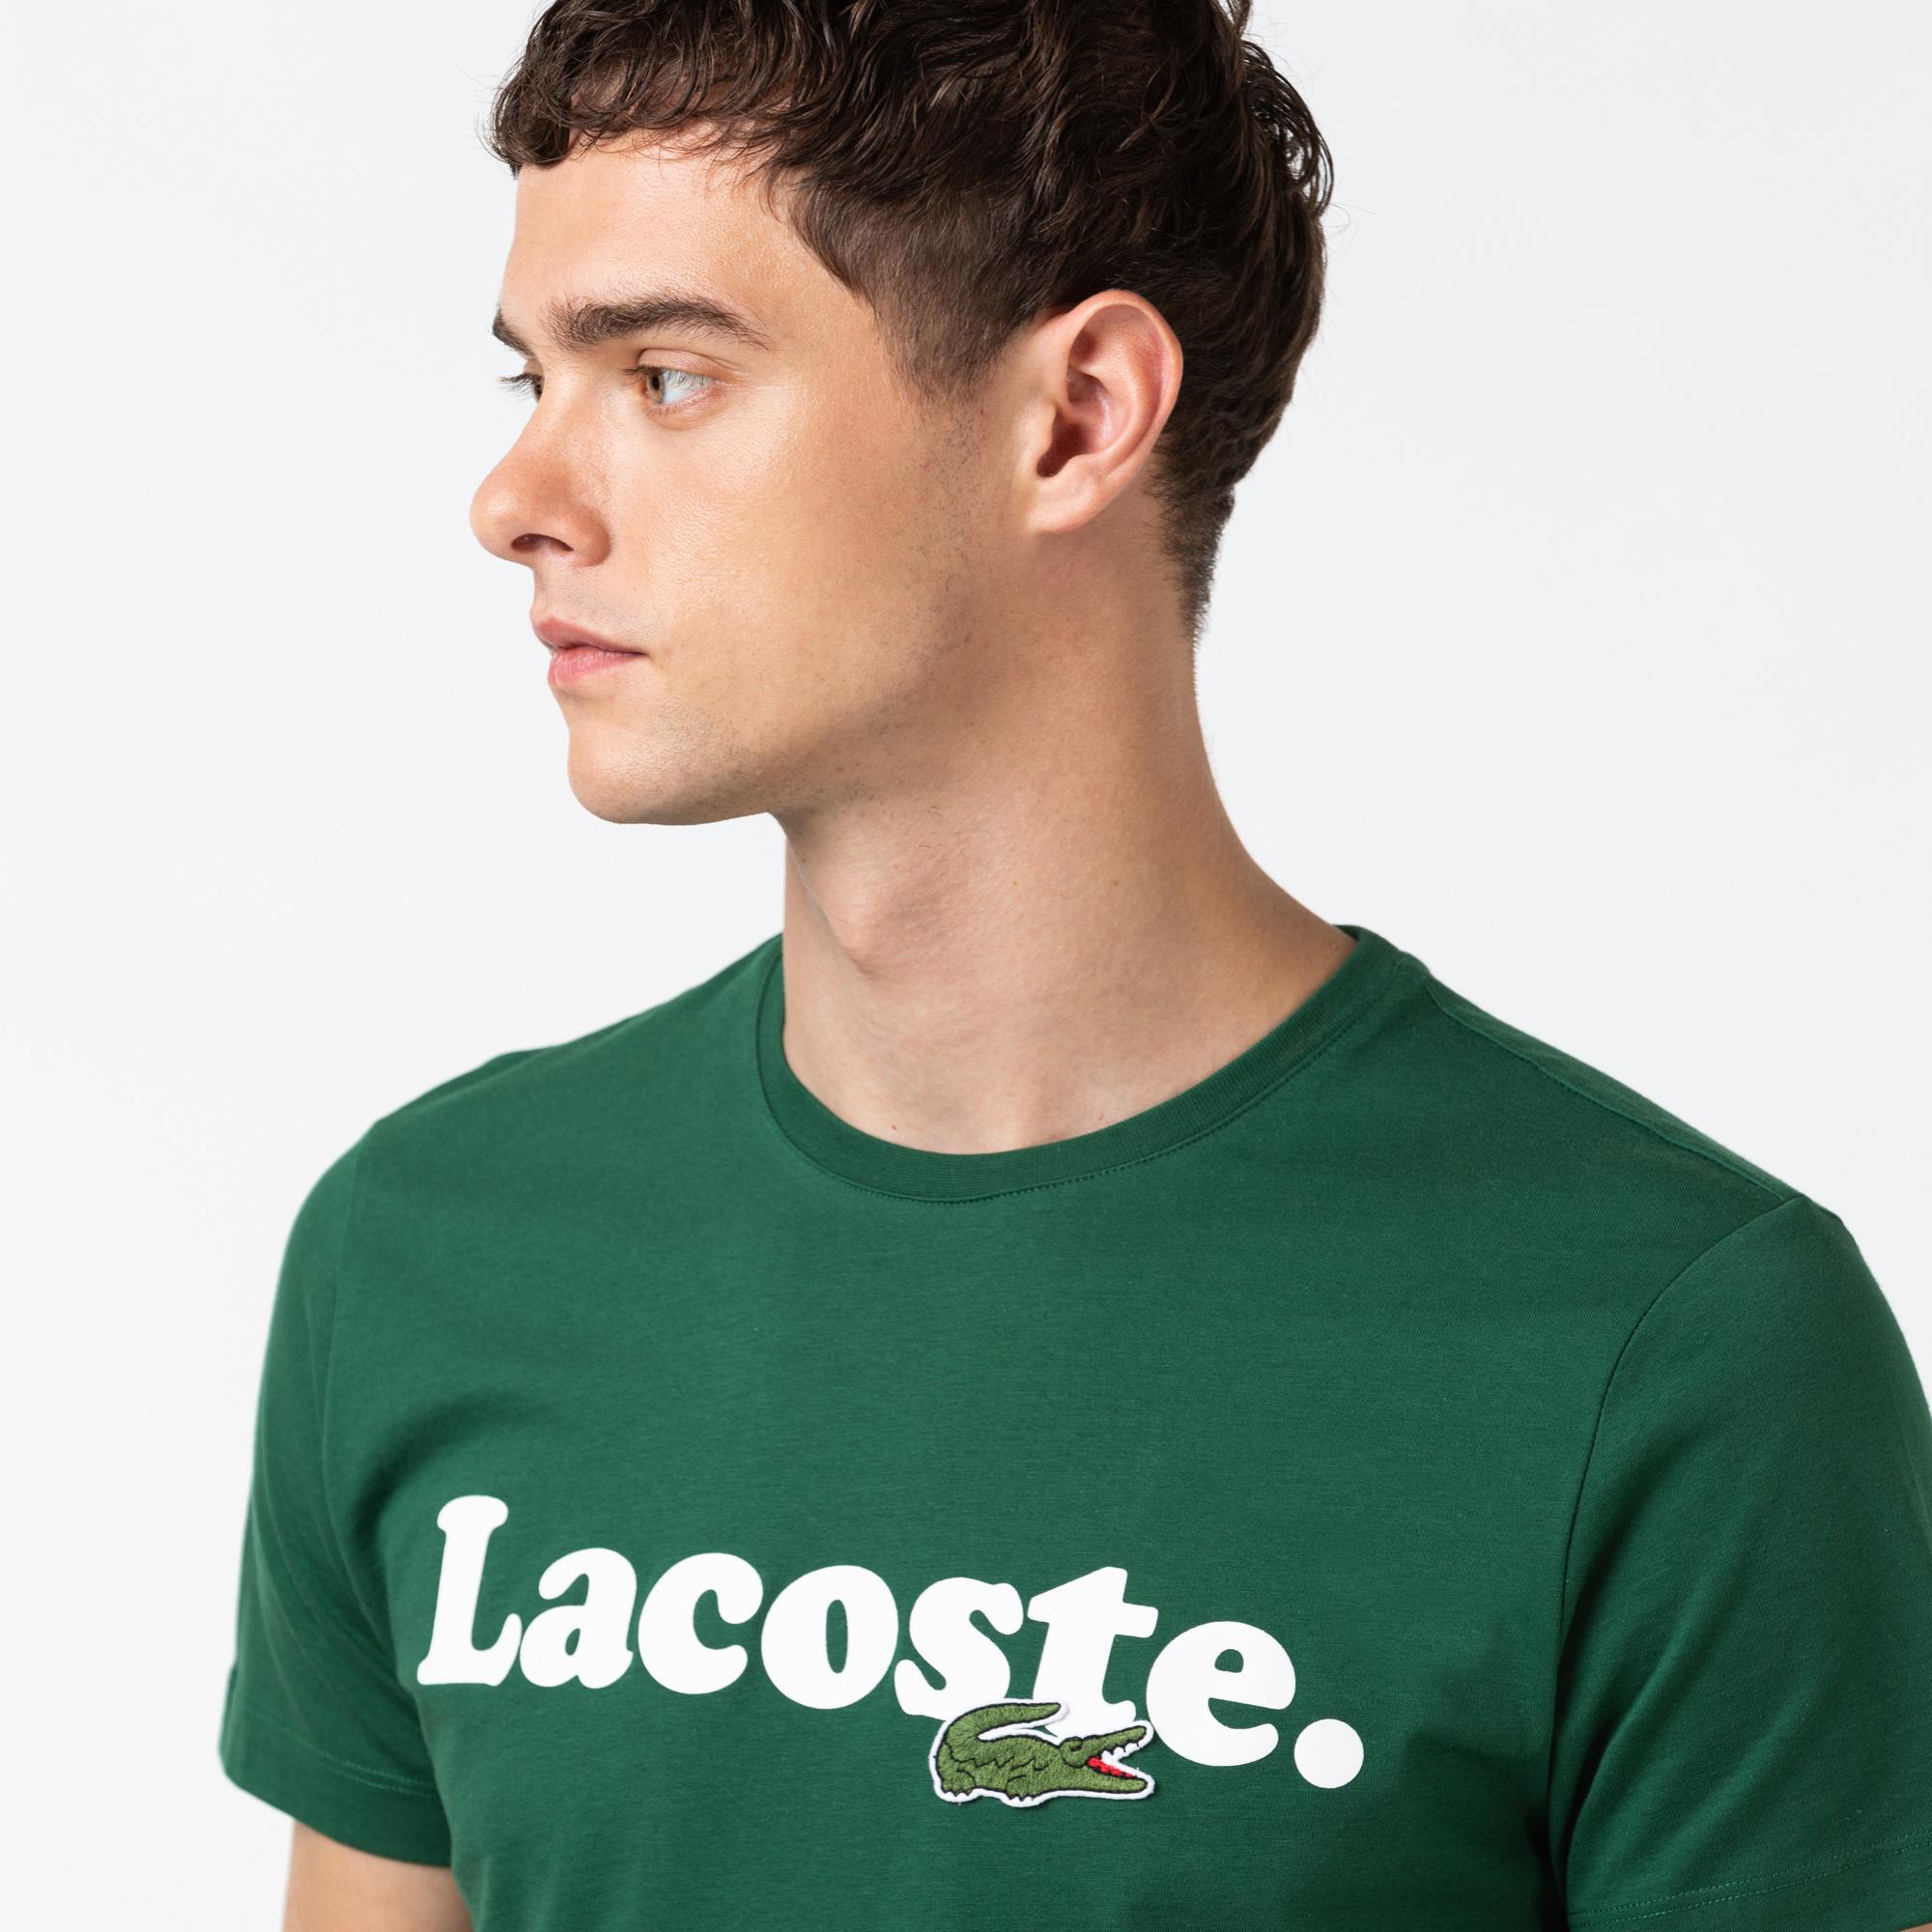 Lacoste Erkek Baskılı Bisiklet Yaka Yeşil T-Shirt